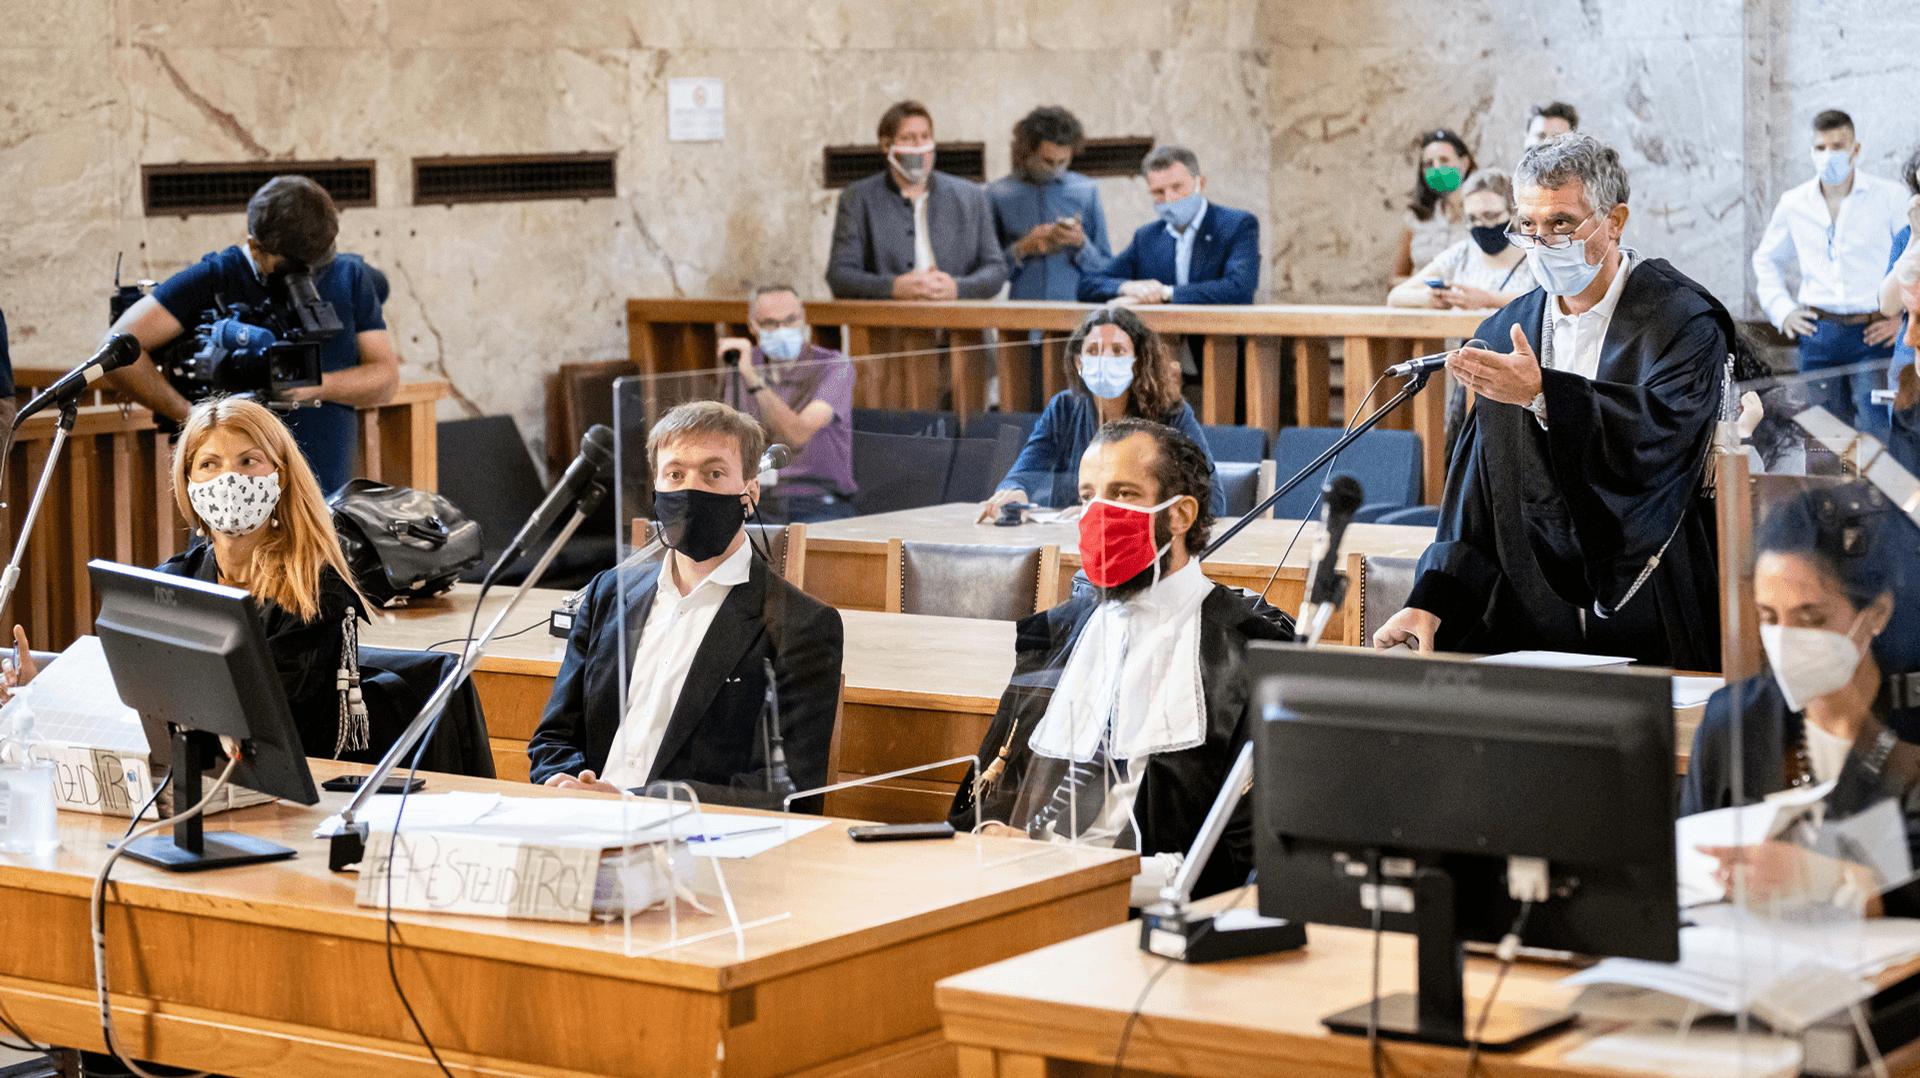 Mehrere Personen mit Atemschutzmasken in einem Gerichtssaal.